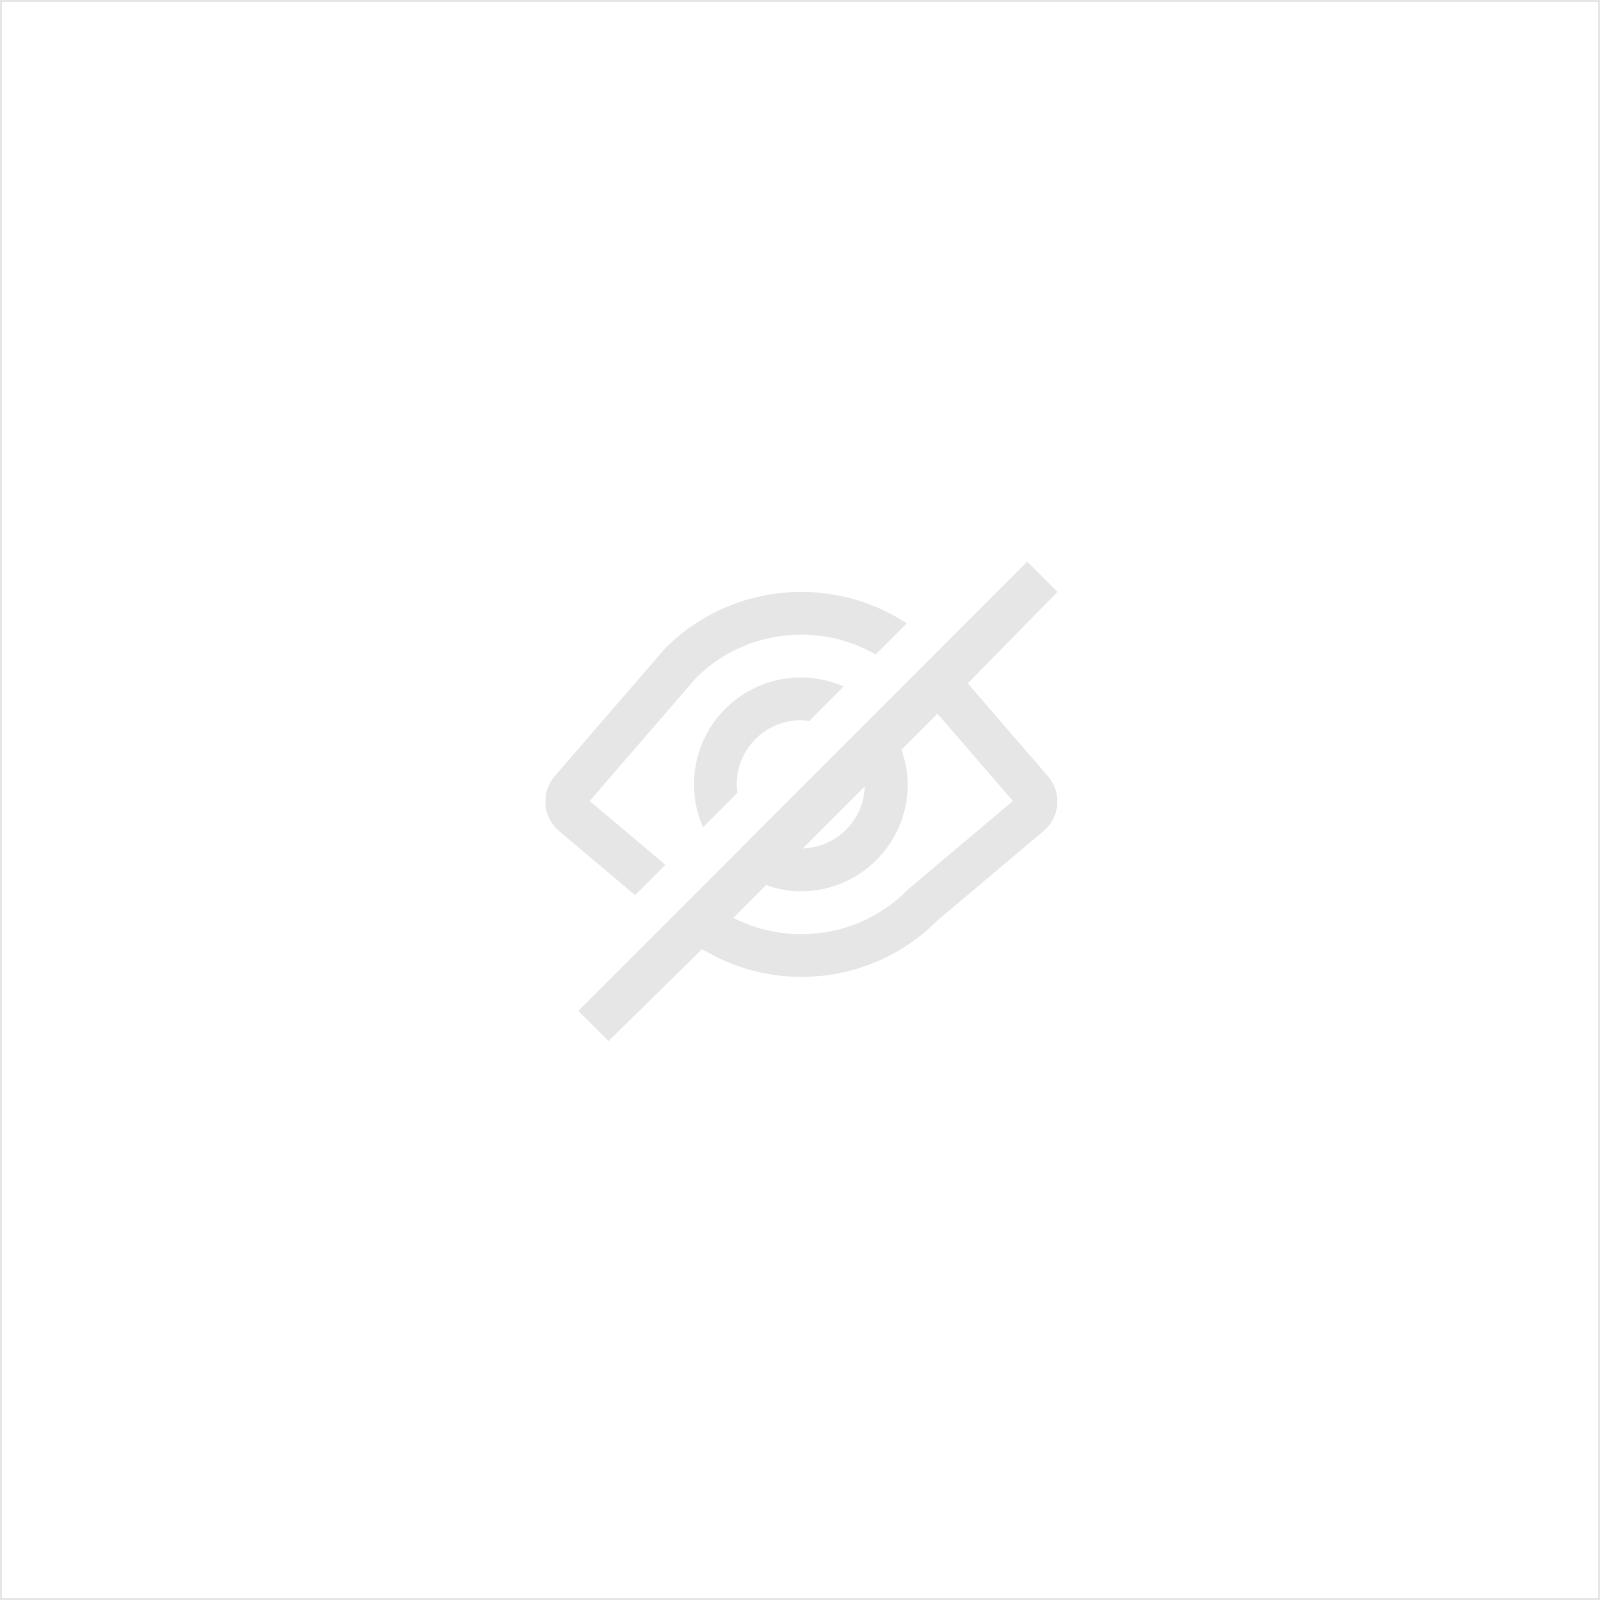 ZELFKLEVEND SCHUURPAPIER P120 - 70 MM x 25 METER